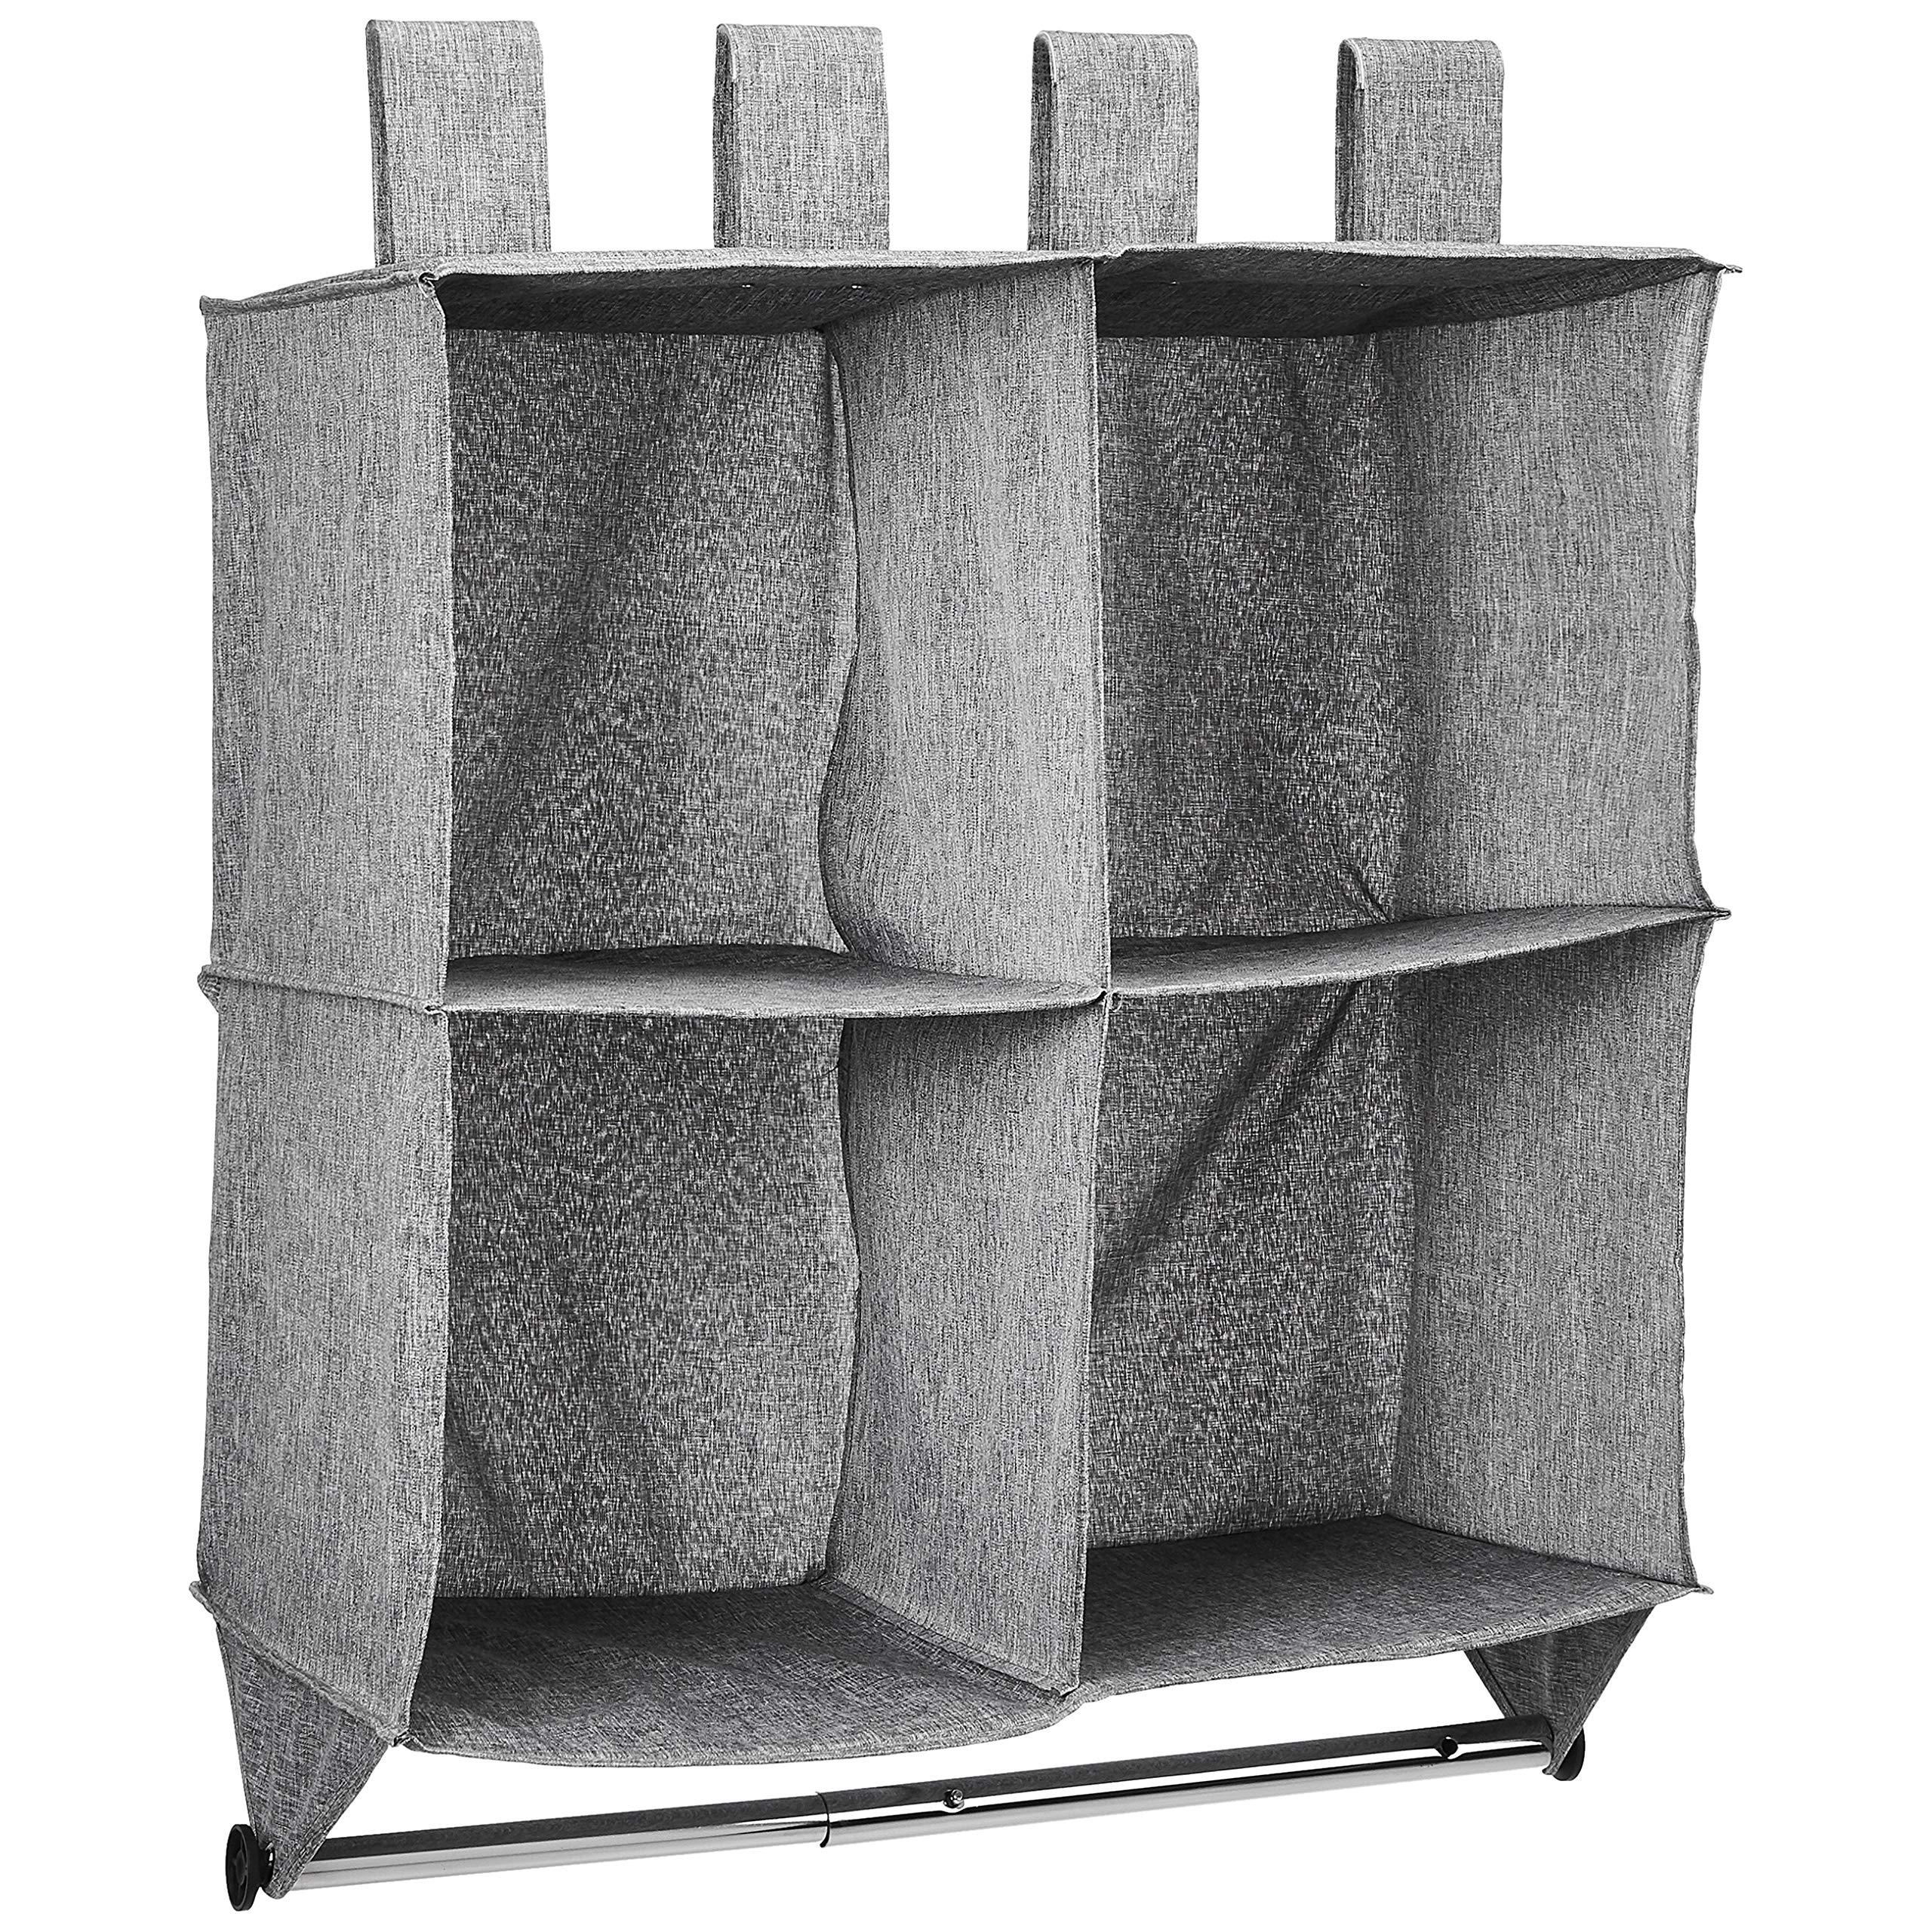 Amazon Basics Hanging 4-Shelf Closet Cubby with Hanging Rod